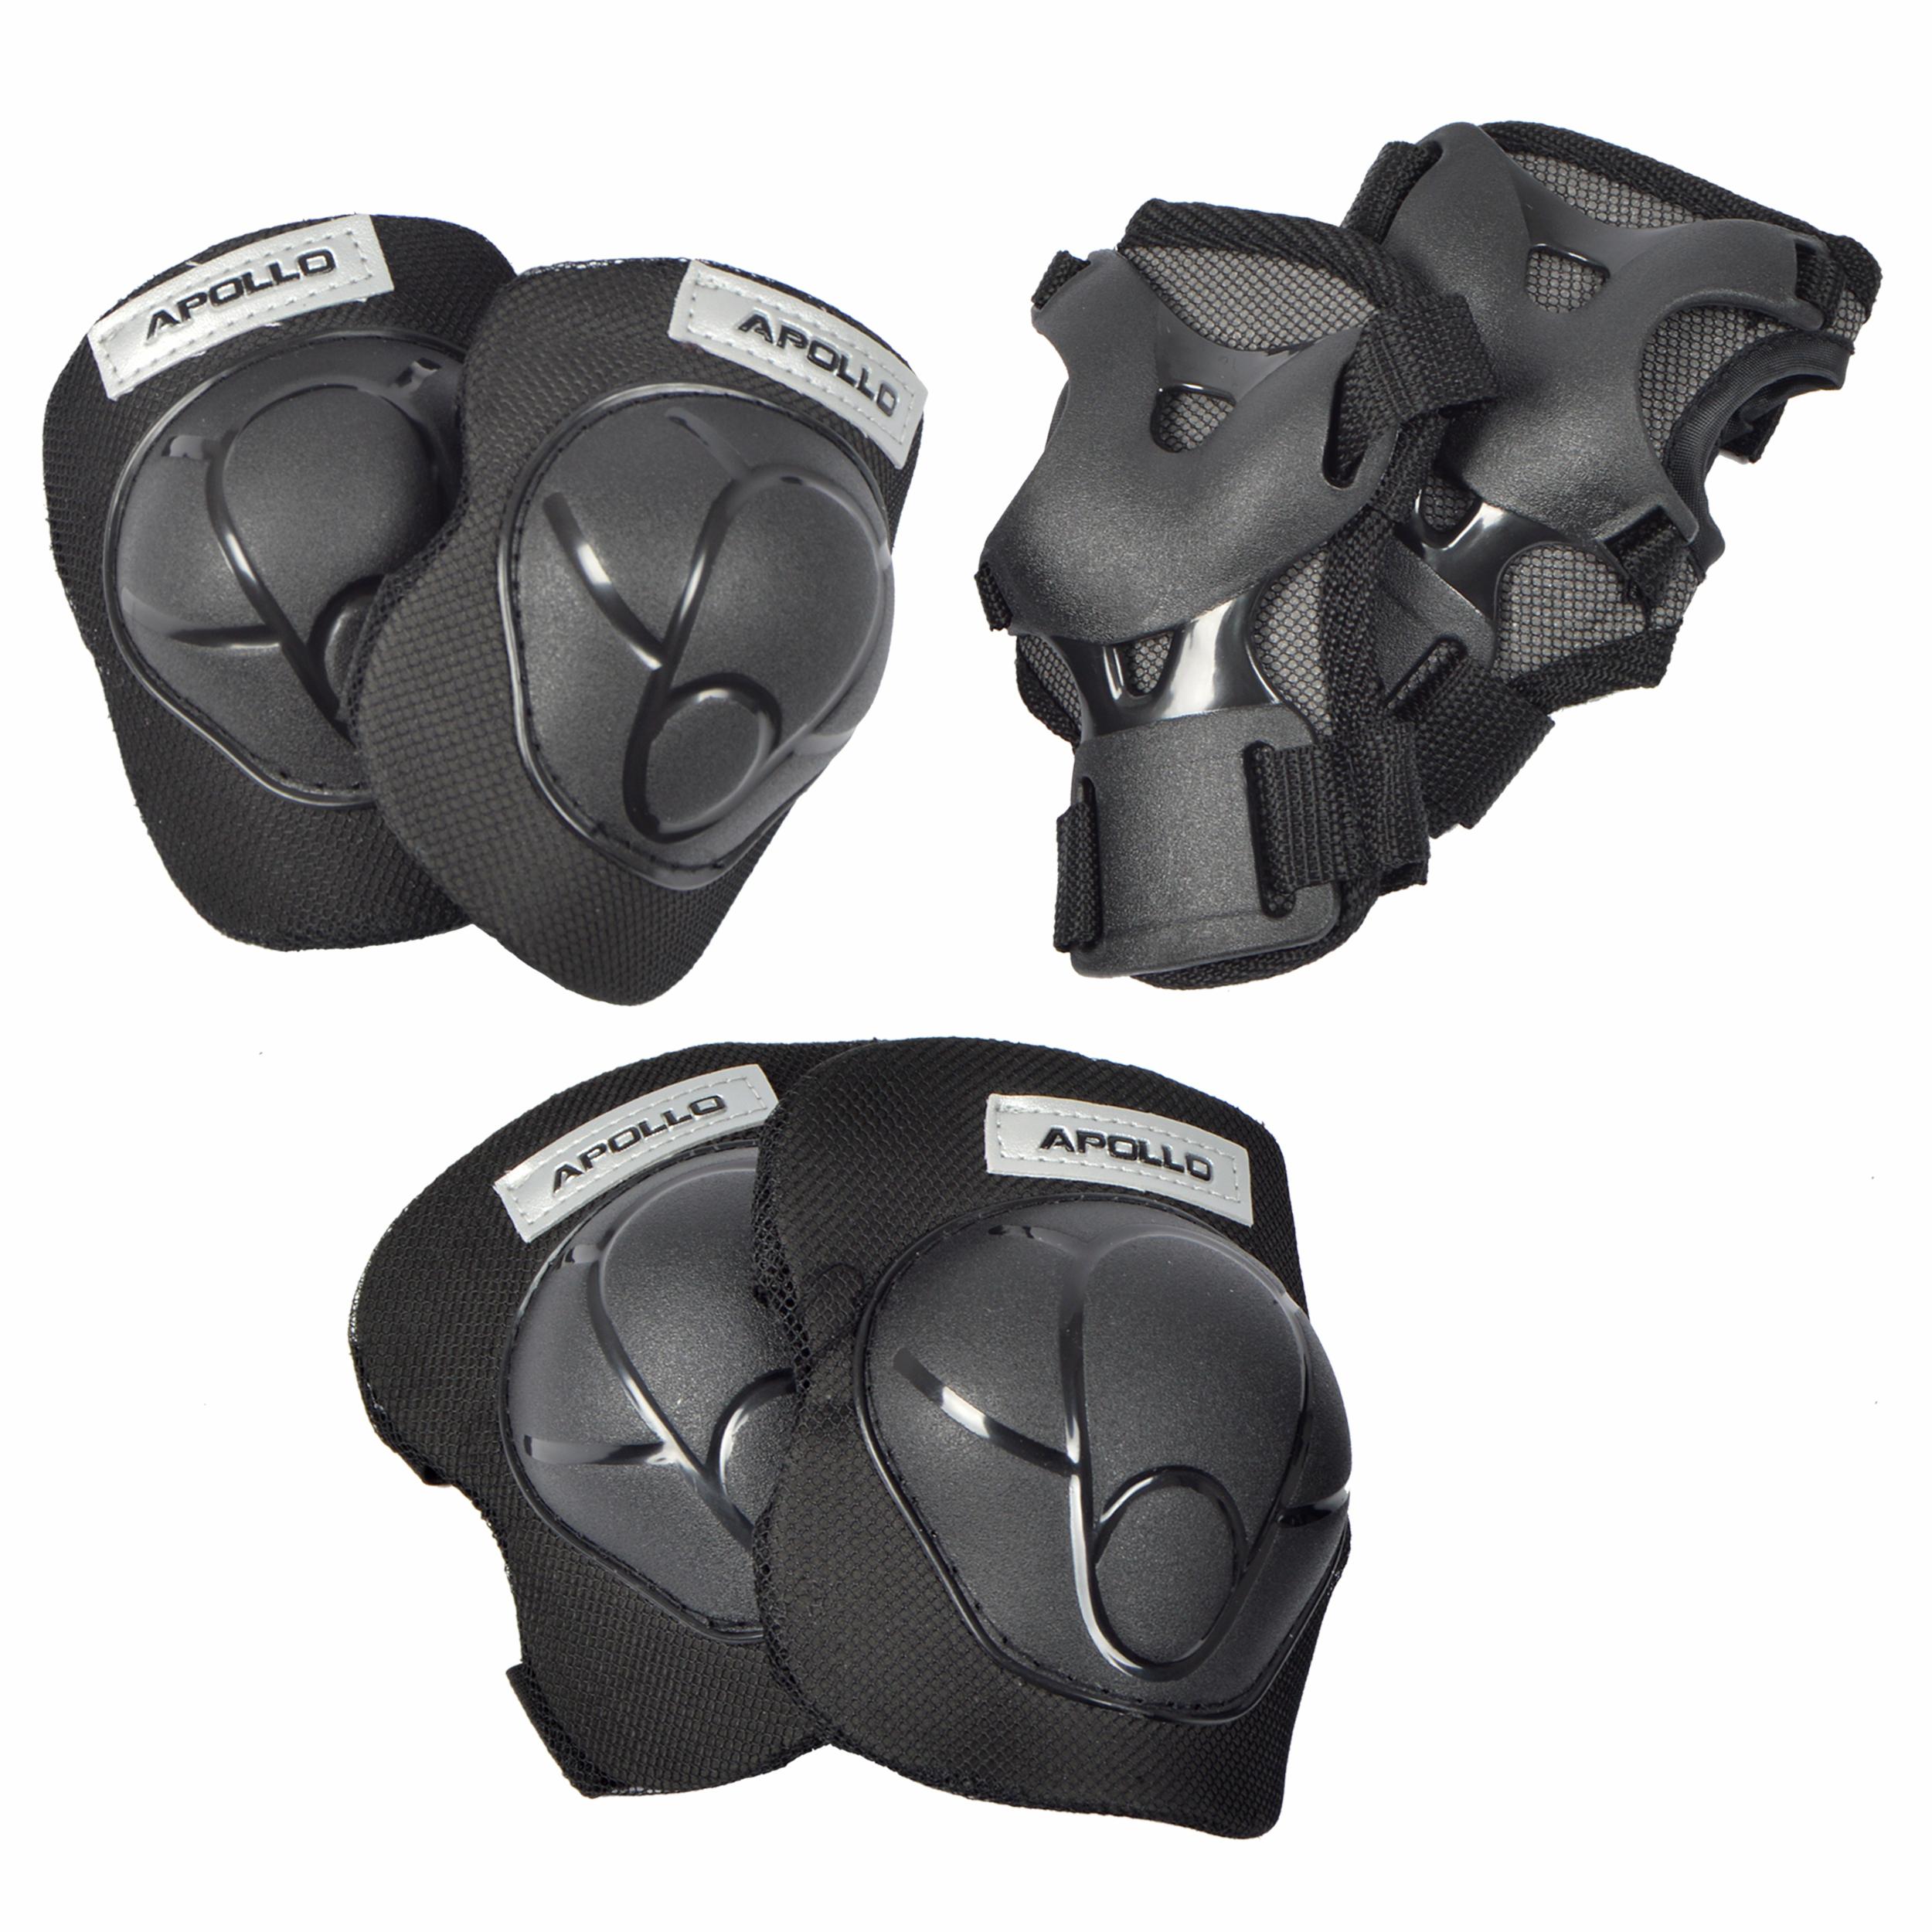 Apollo Knie- Ellenbogen und Handgelenkschoner Set Größe L - Schwarz